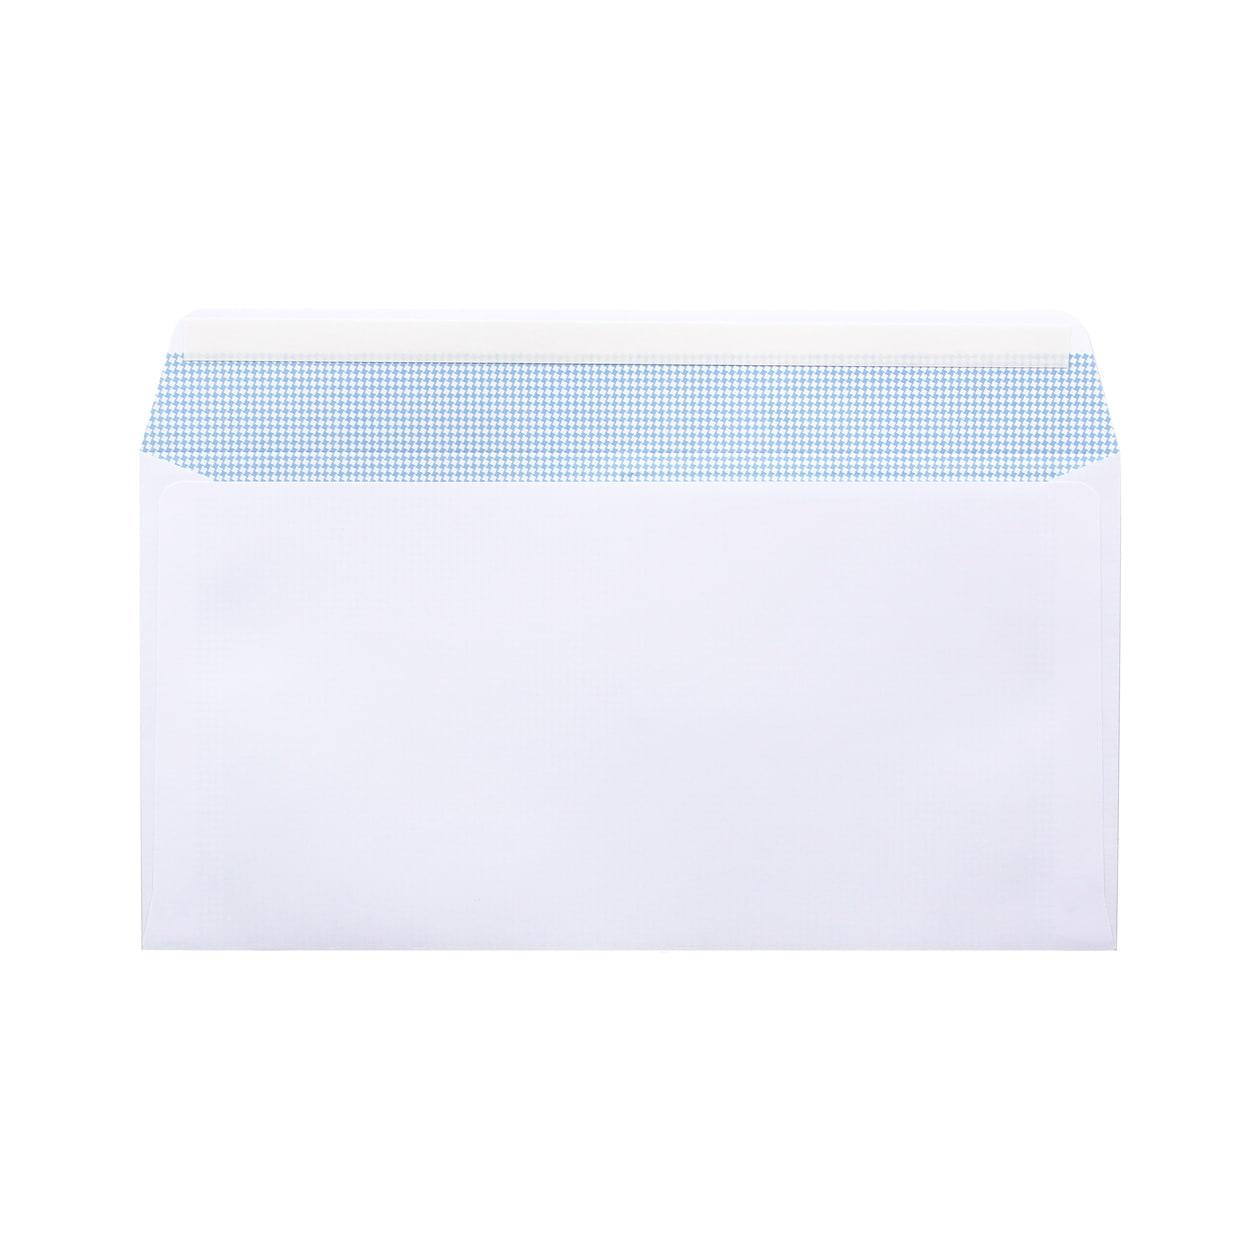 サンプル 封筒・袋 00166